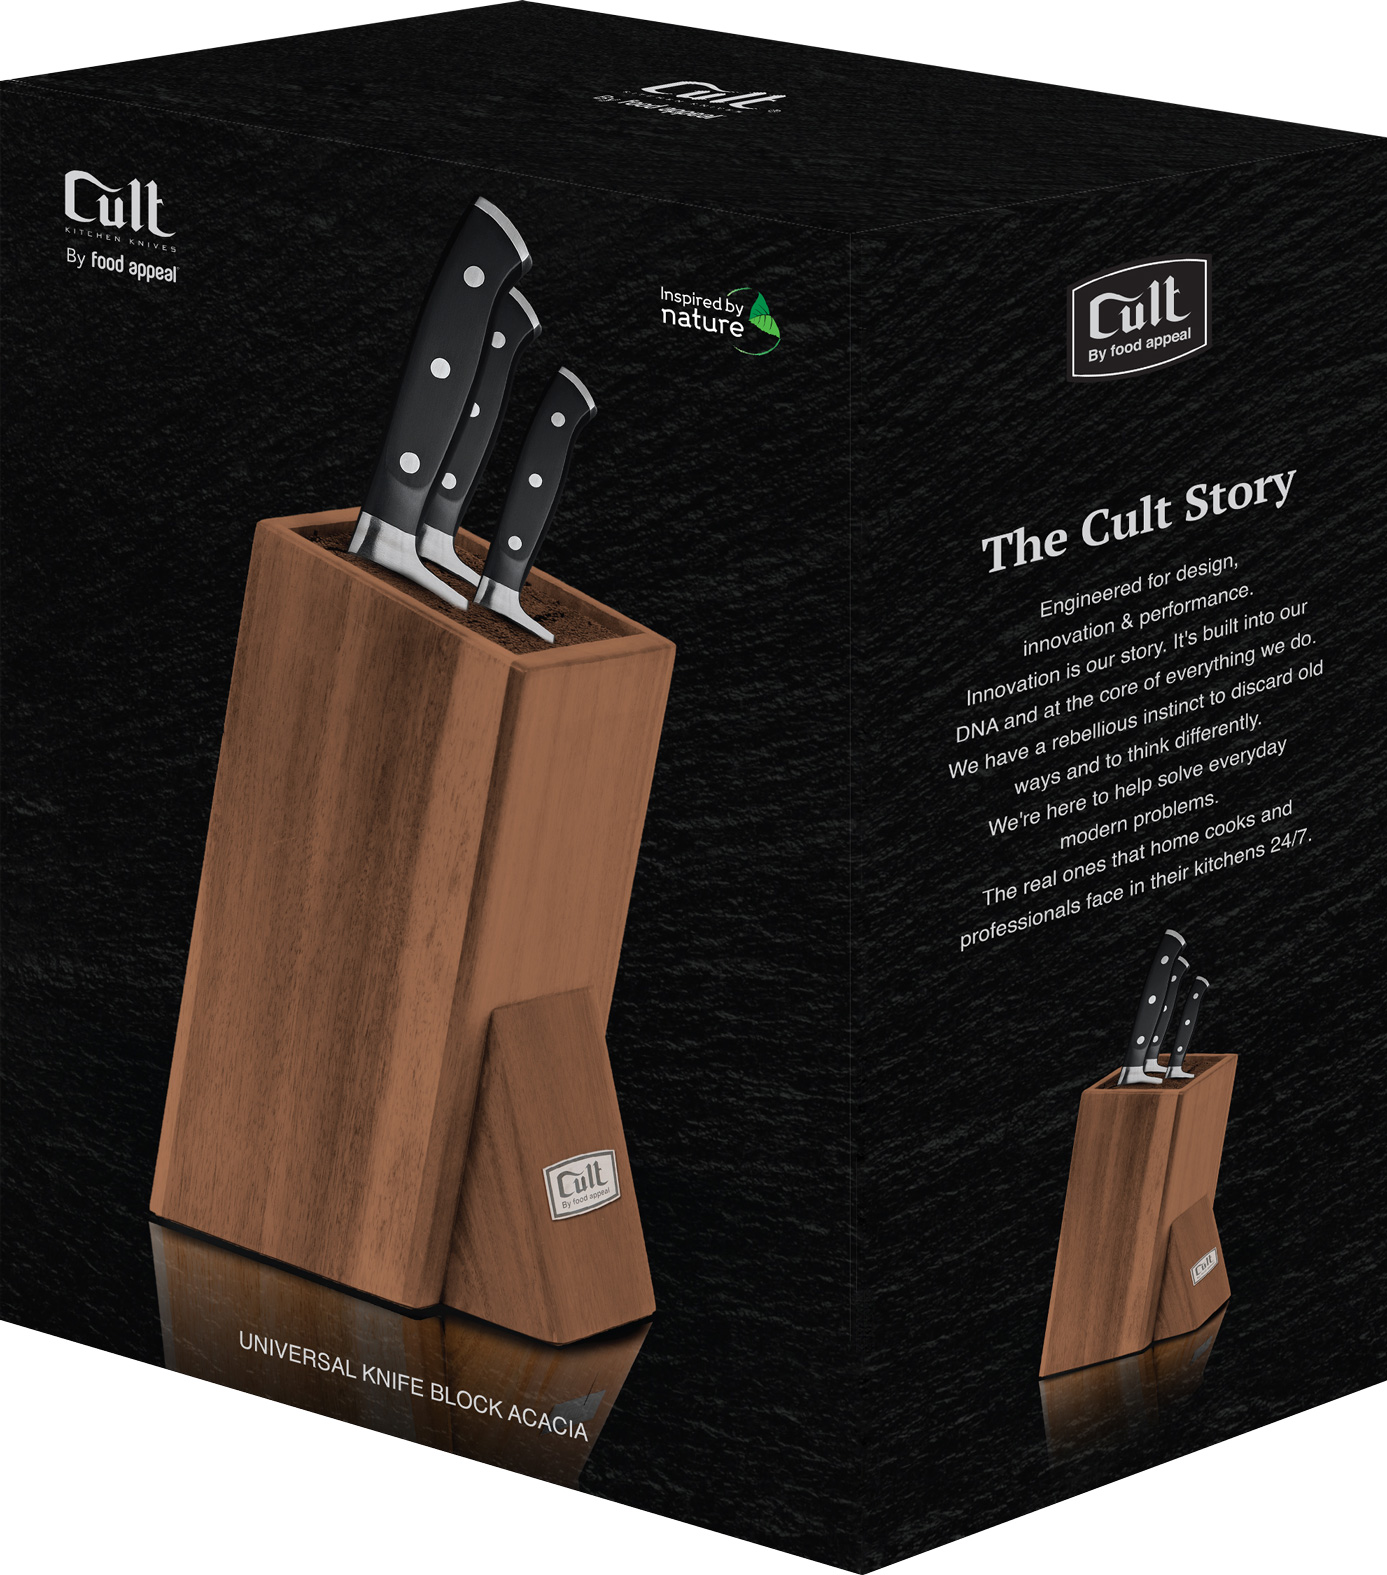 מעמד סכינים אוניברסלי עשוי עץ שיטה Food Appeal Cult פוד אפיל